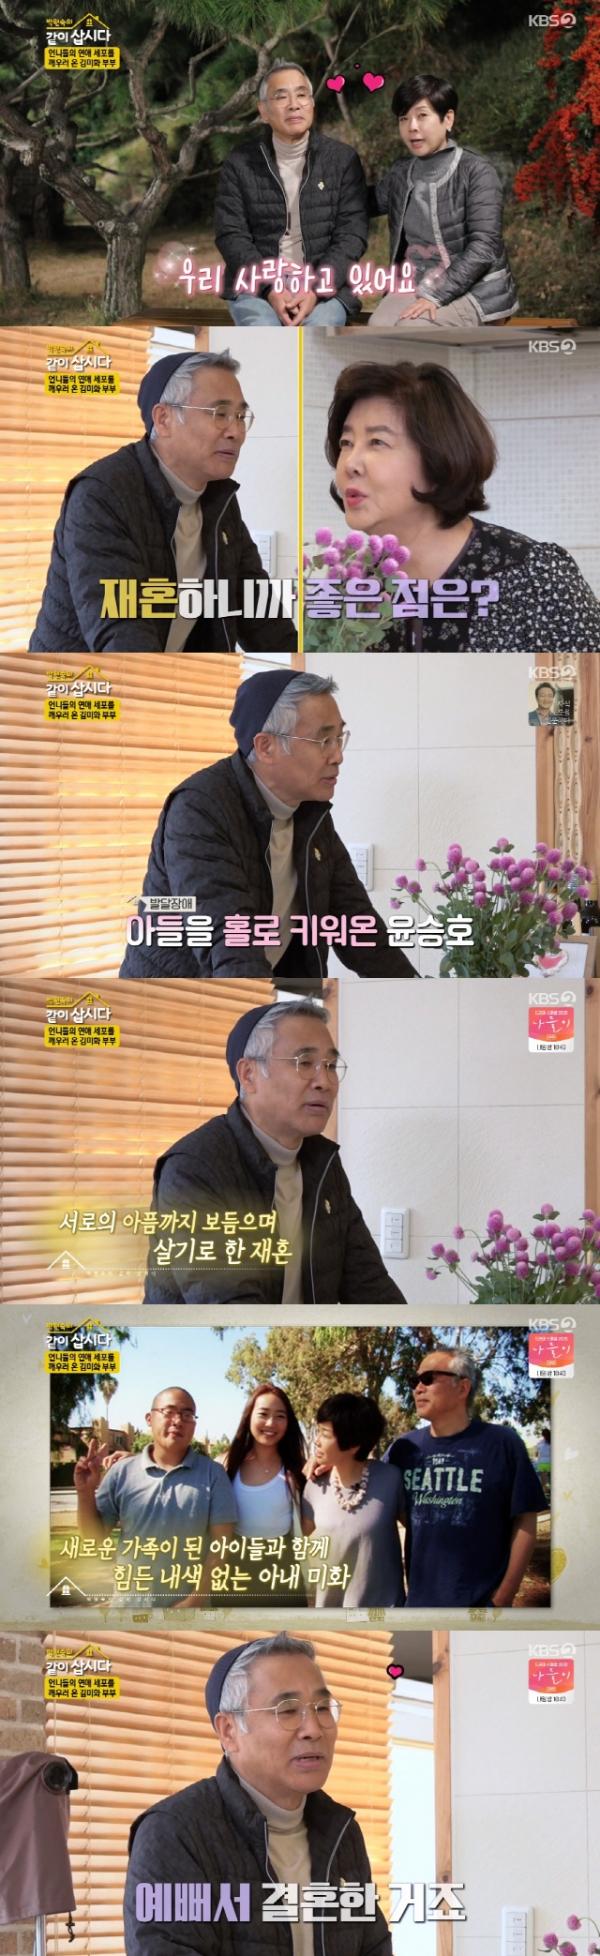 사진=KBS 2TV '박원숙의 같이 삽시다' 캡처